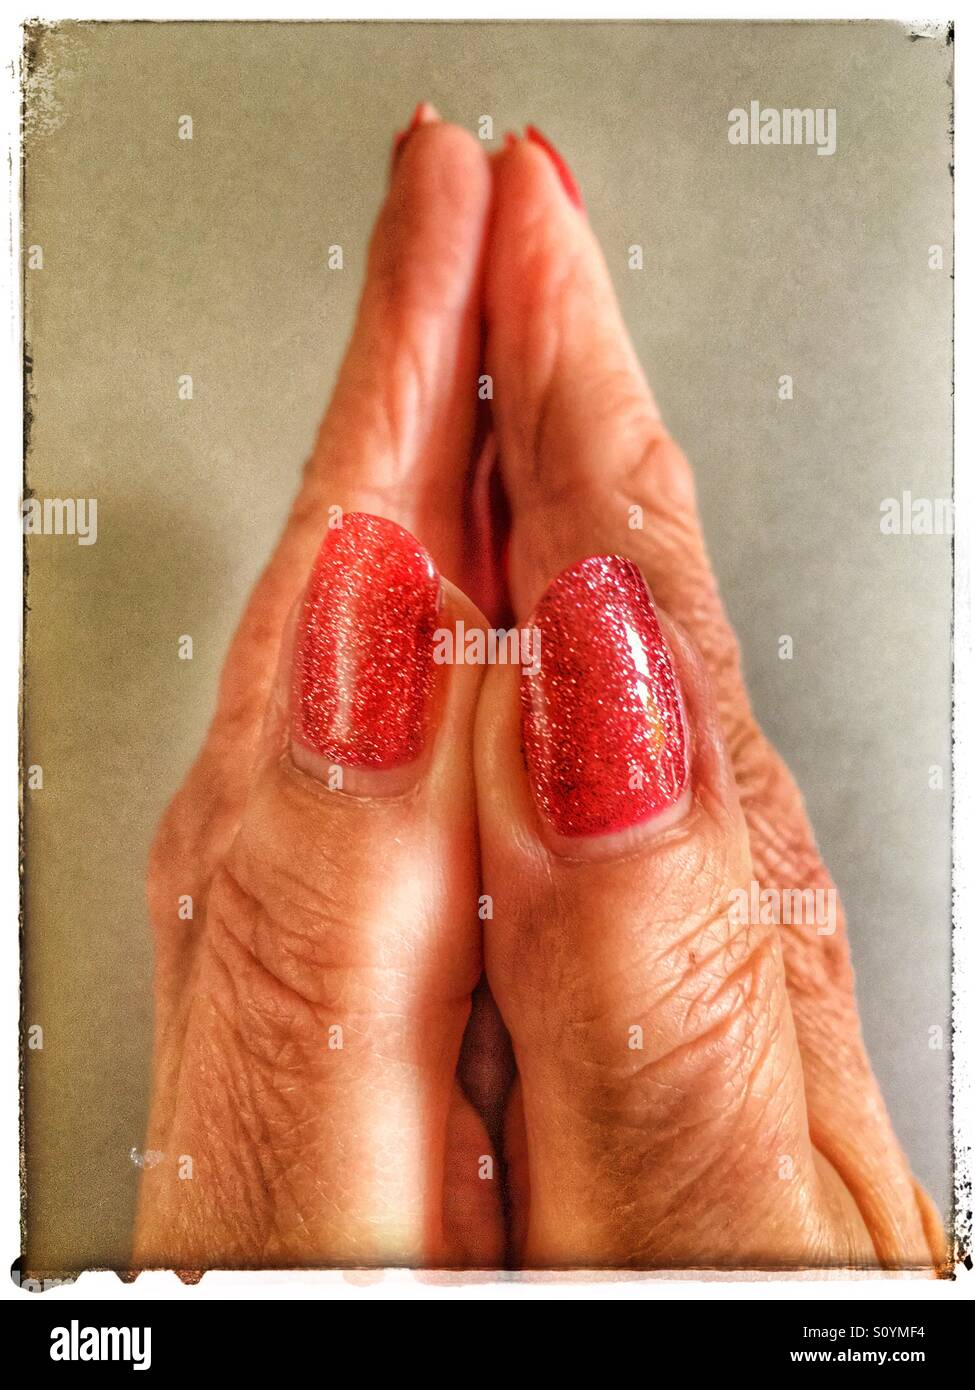 Il disco ha lavorato mani femminili nel pregare posano con scintillanti lucidato rosso unghie Immagini Stock